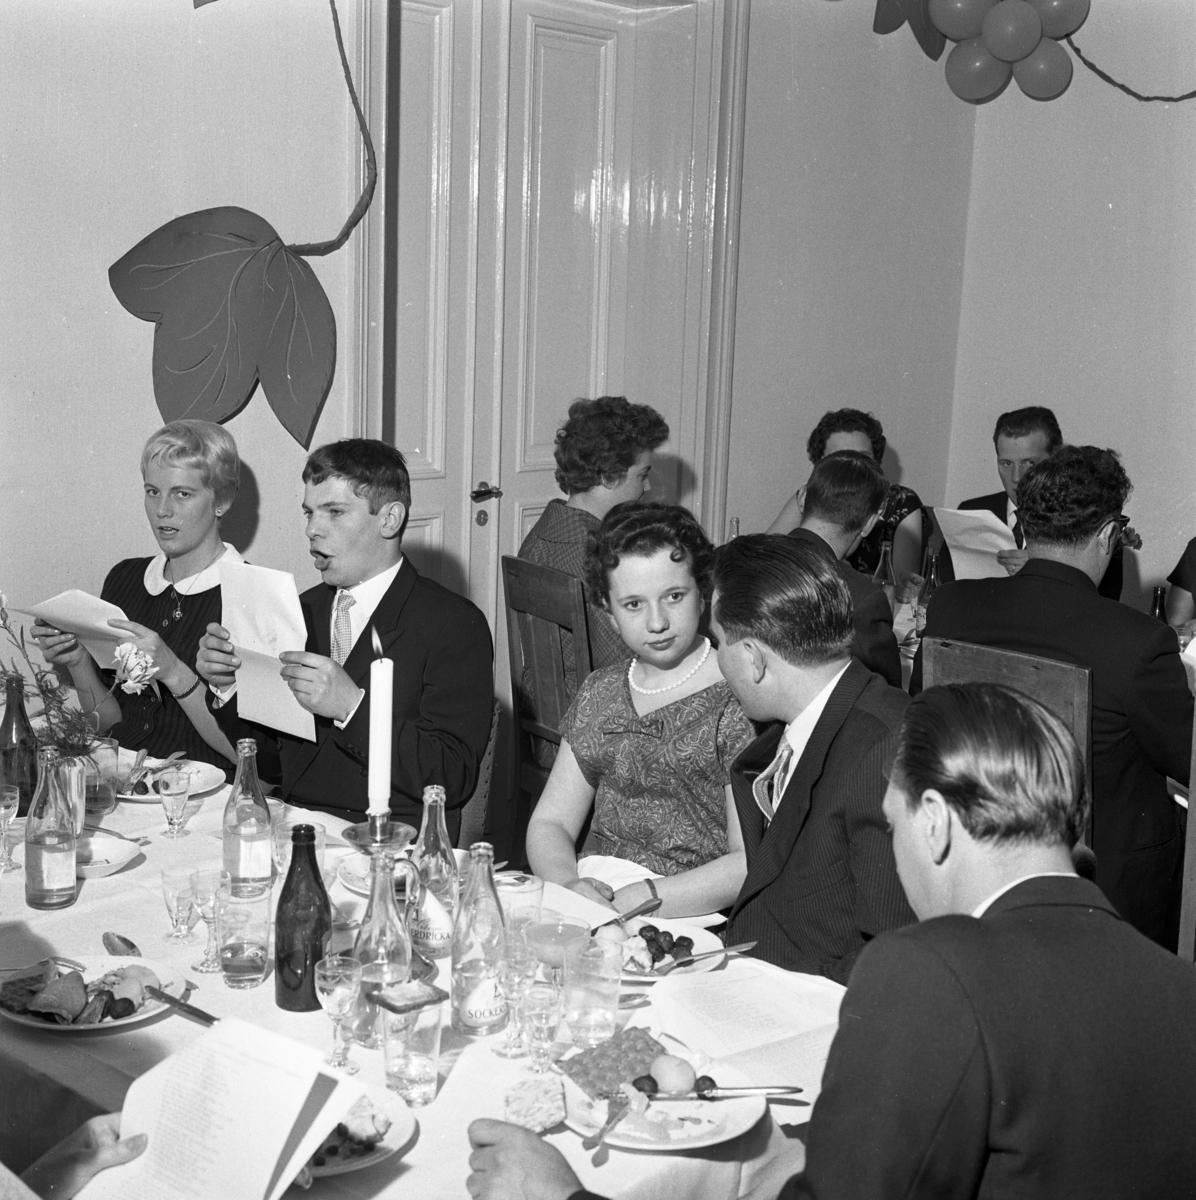 """Elektrikerförbundets Arbogaavdelning har jubileumsfest. Män och kvinnor vid dukade bord. Köttbullar och potatis på tallrikarna. """"Pyrra"""" Bergström med fru deltar i allsången. Fru Davidsson med make Lennart."""